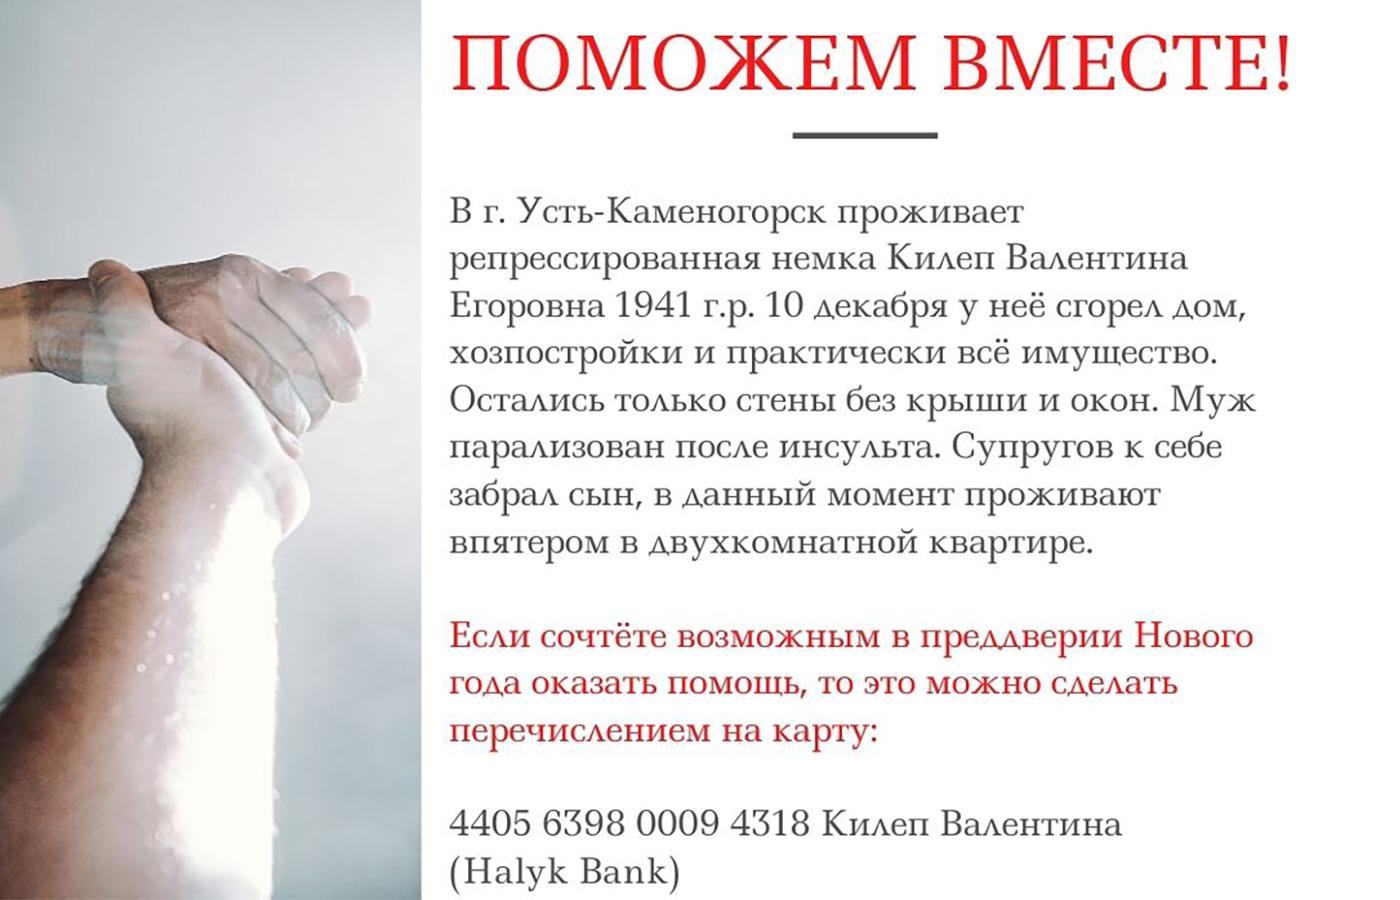 Поможем вместе — Валентина Килеп